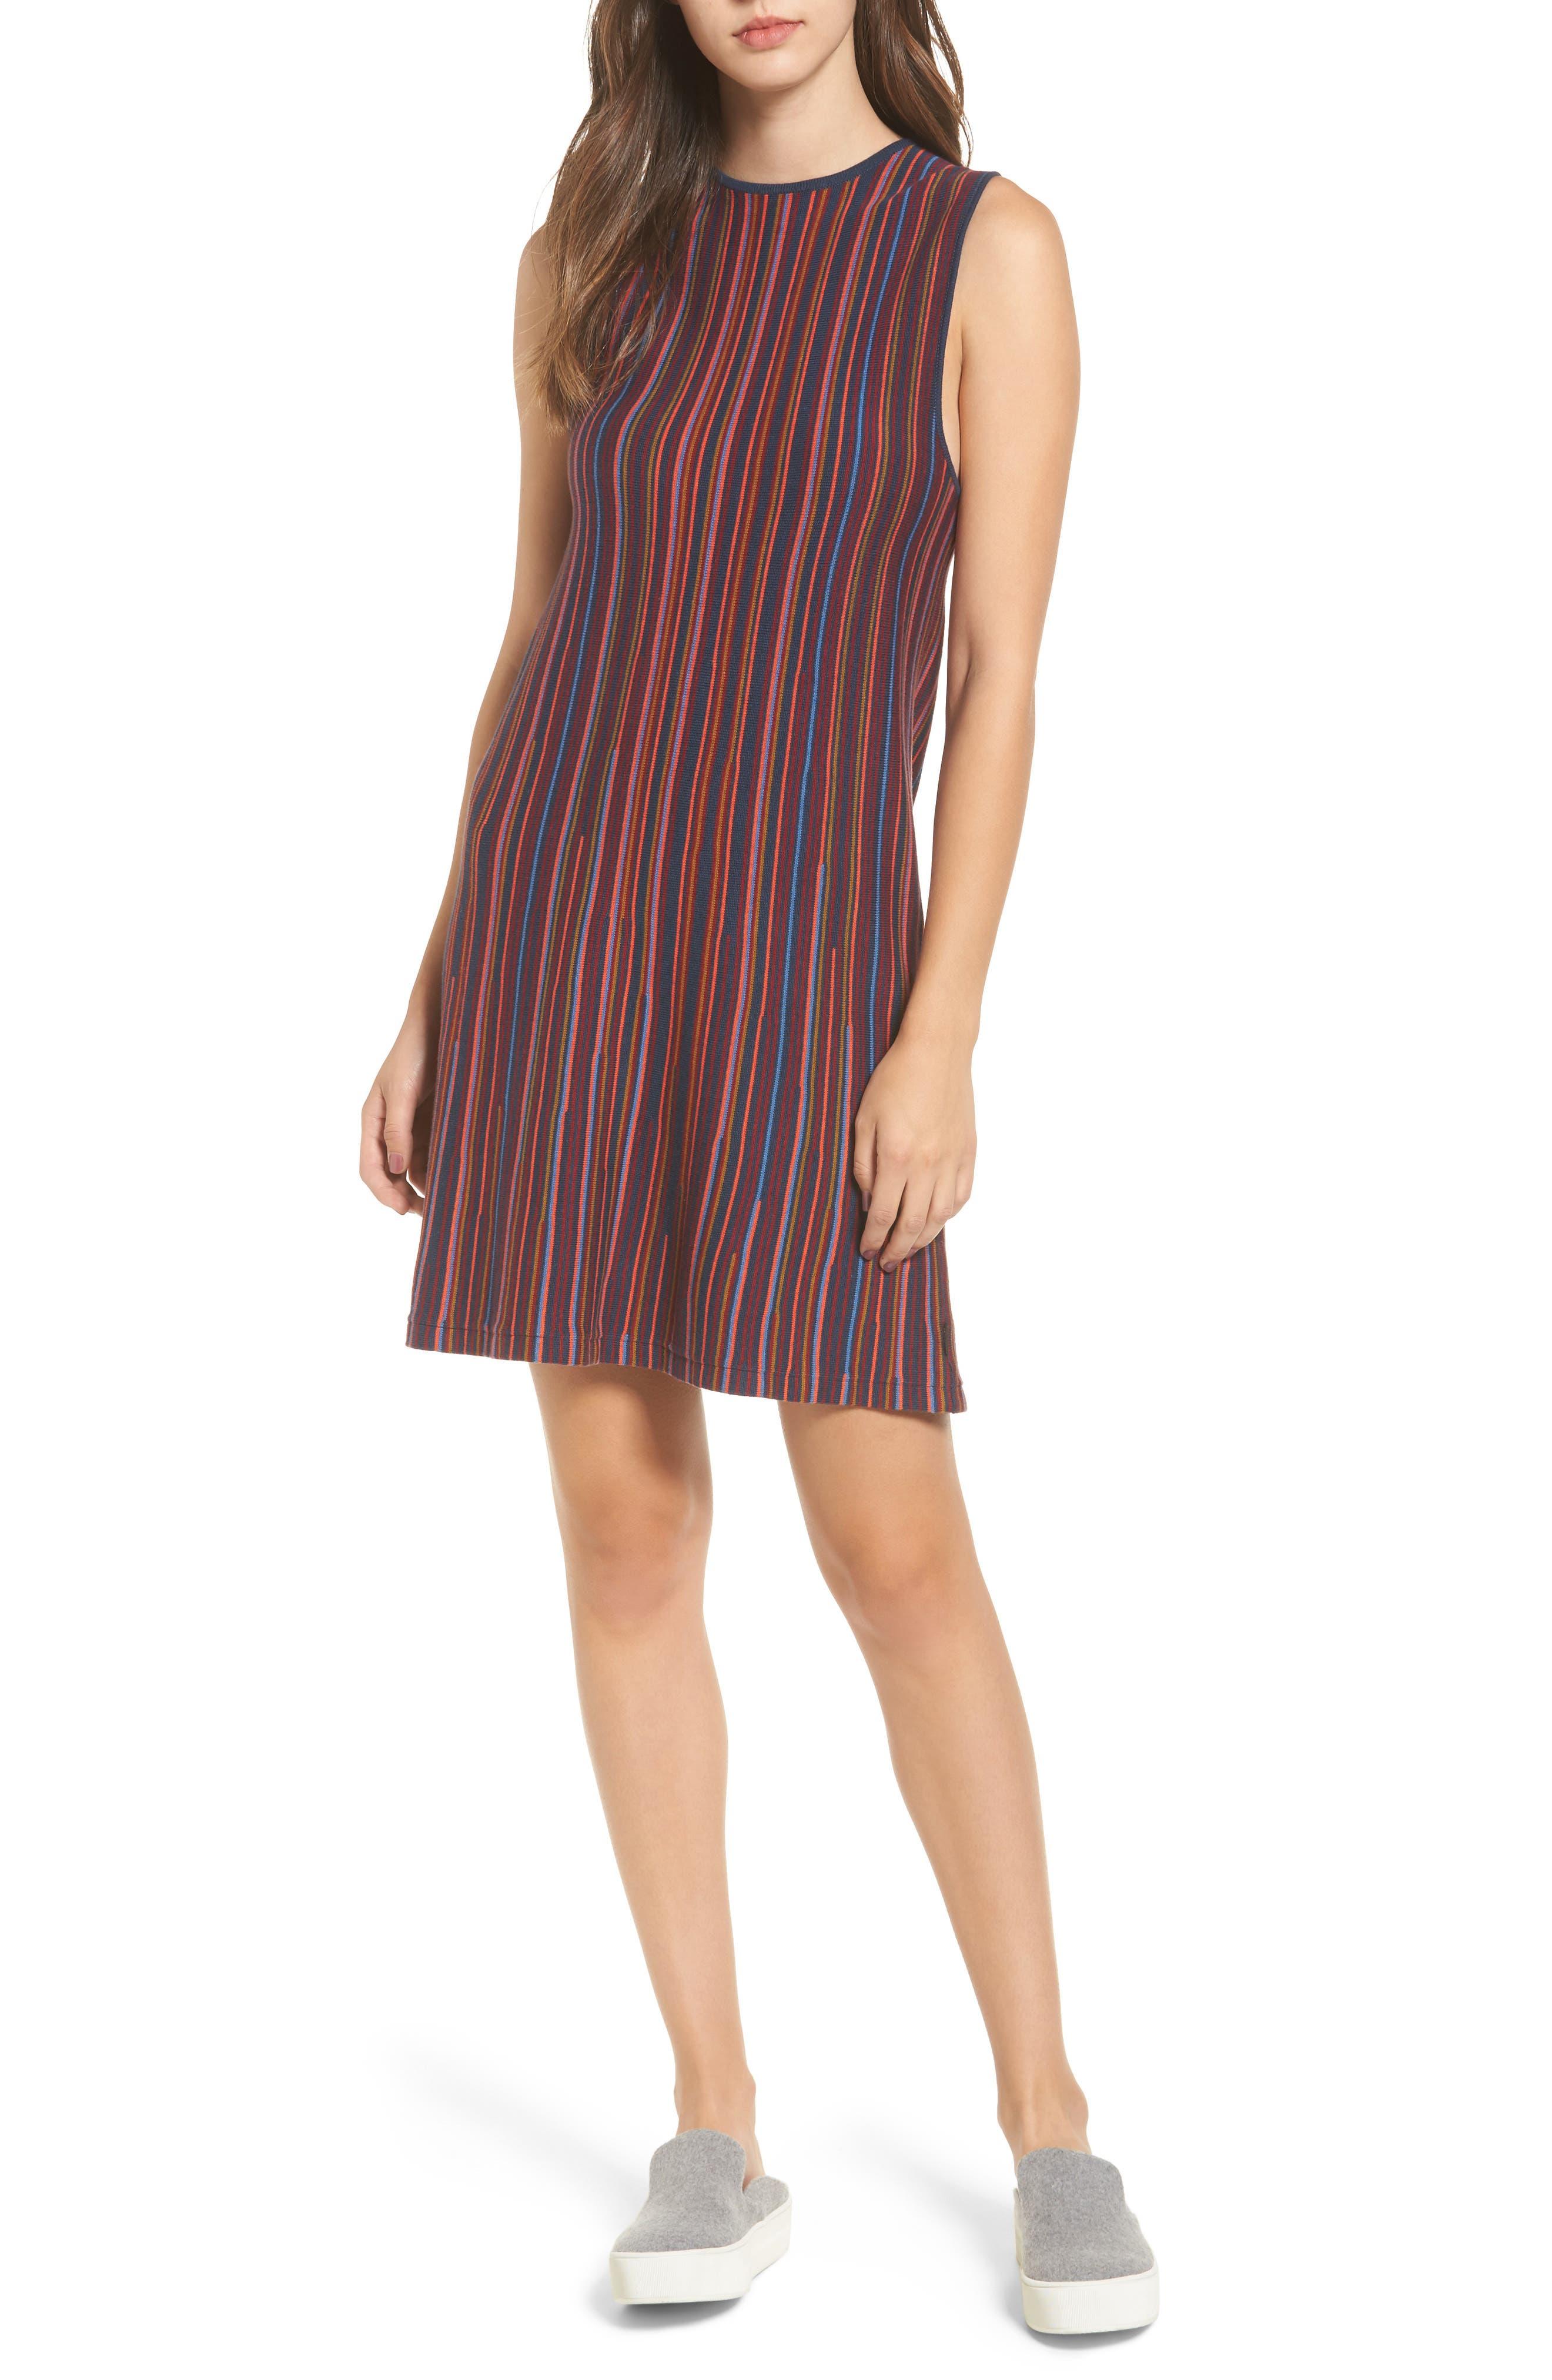 Main Image - RVCA Foolish Stripe Knit Dress